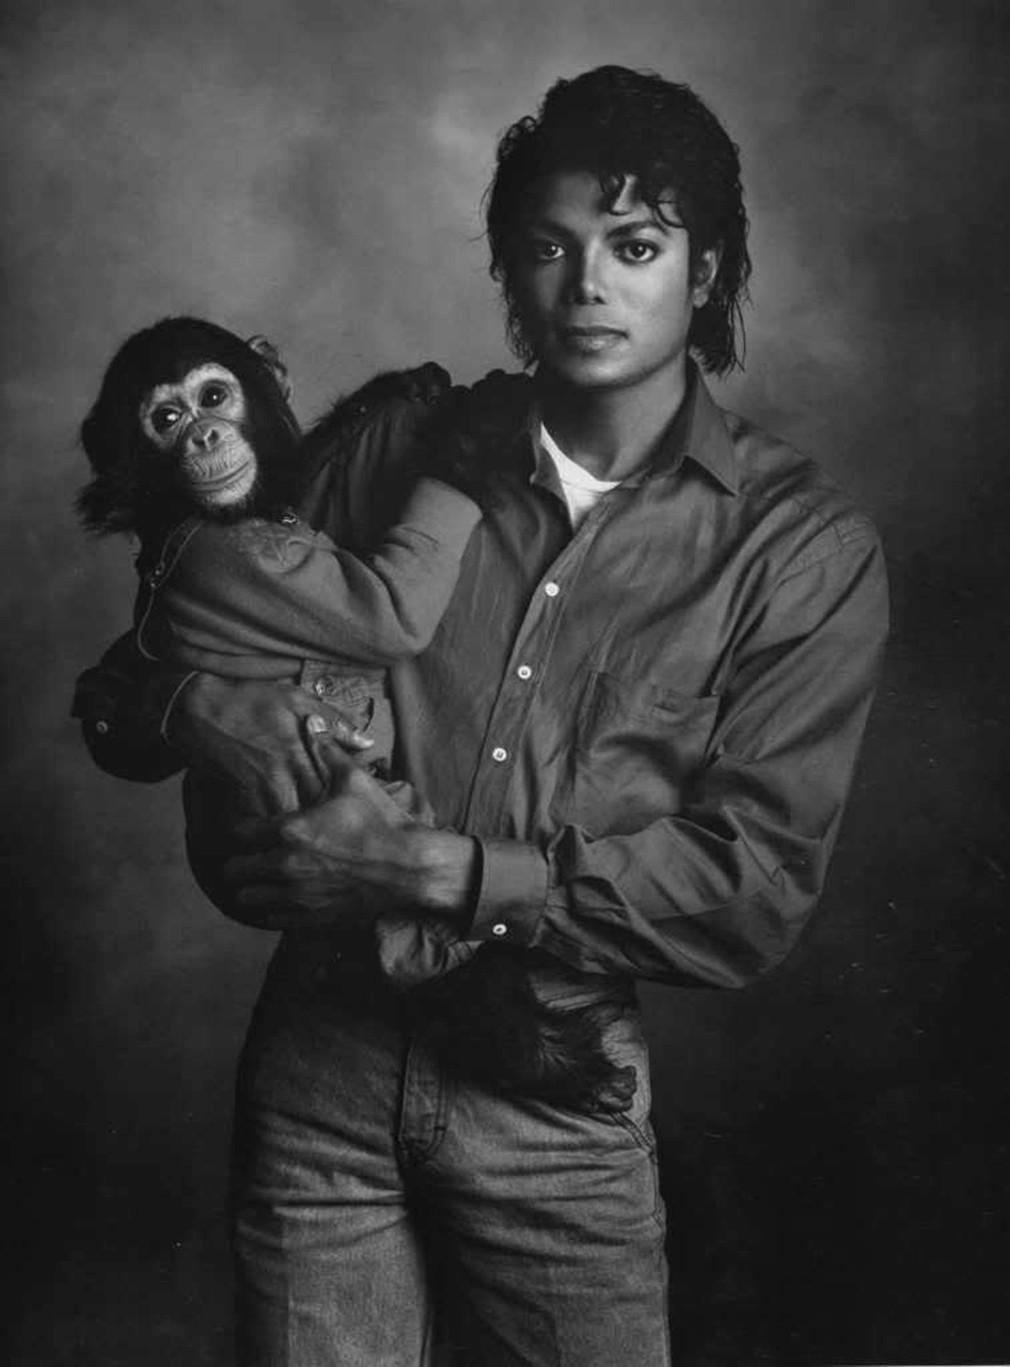 Ο Μάικλ Τζάκσον αγκαλιά με τον πίθηκο του Bubbles. Με αυτό το πορτρέτο, ο Ρότζερς κατάφερε να συλλάβει την εκκεντρικότητα και αμηχανία του Μάικλ Τζάκσον όπως κανείς άλλος